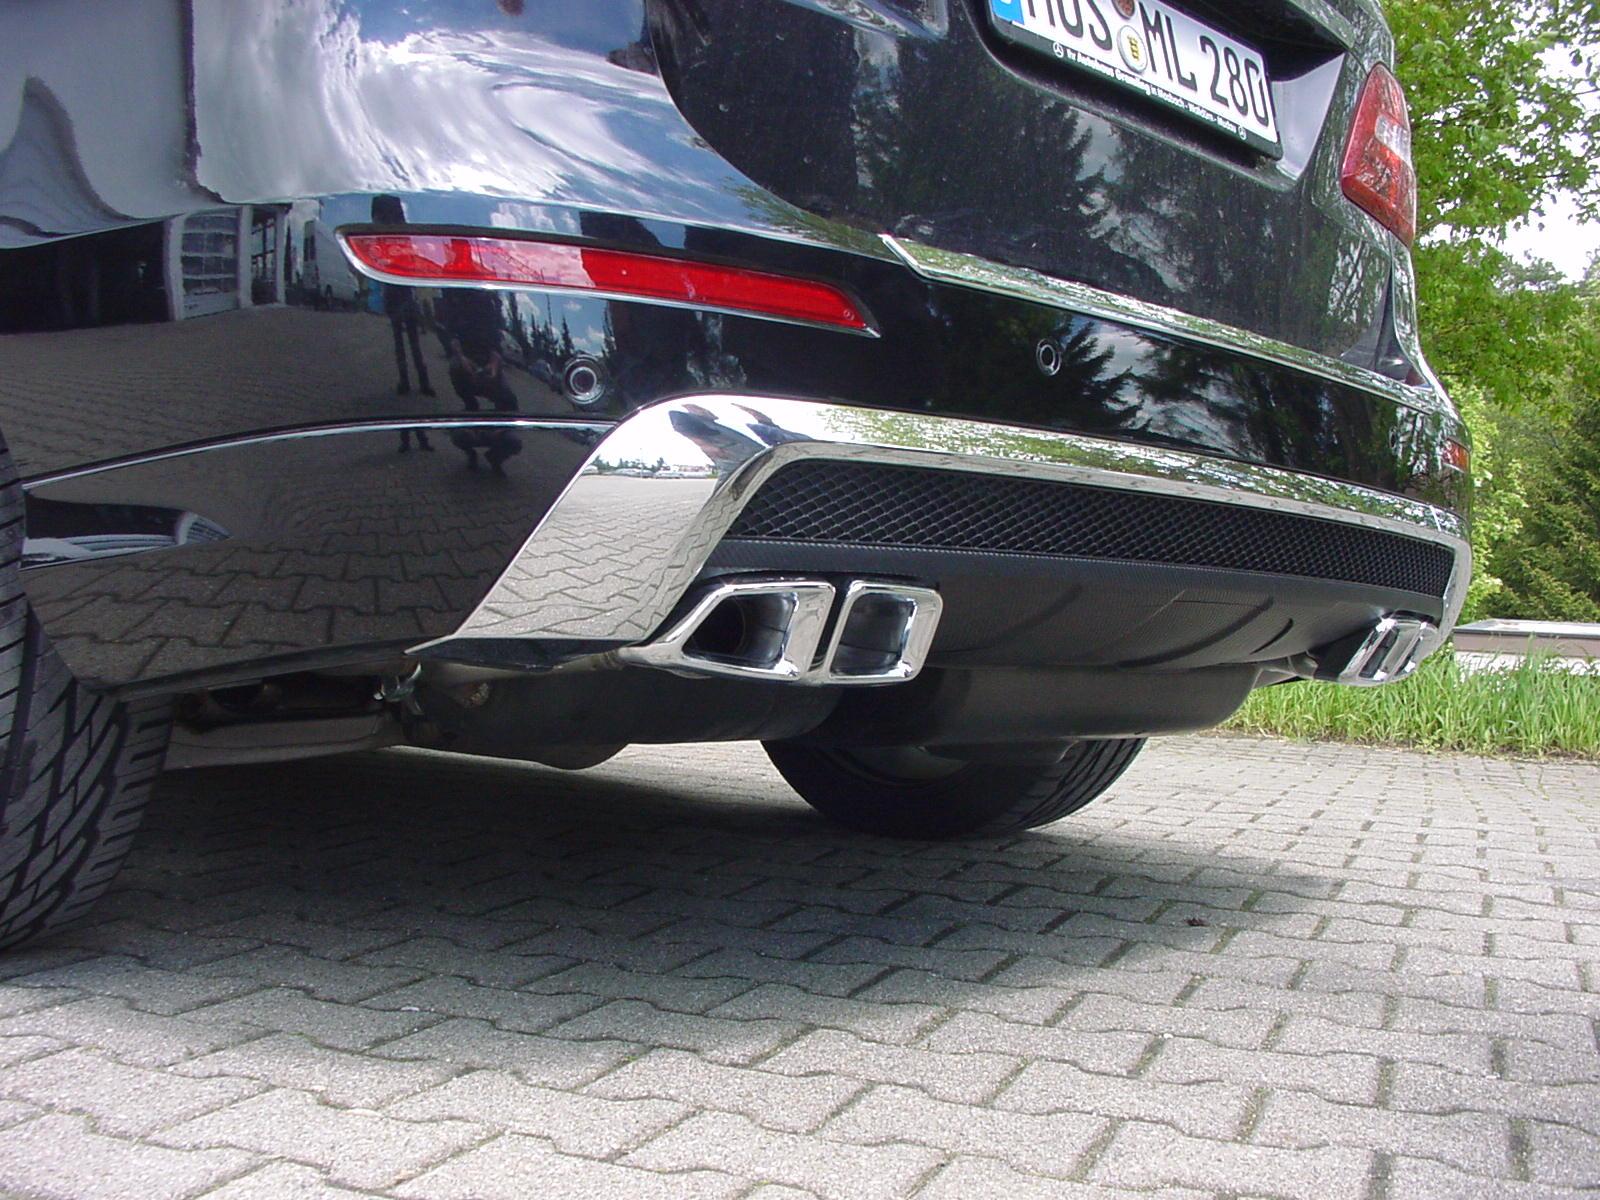 ML W166 Sportendrohr